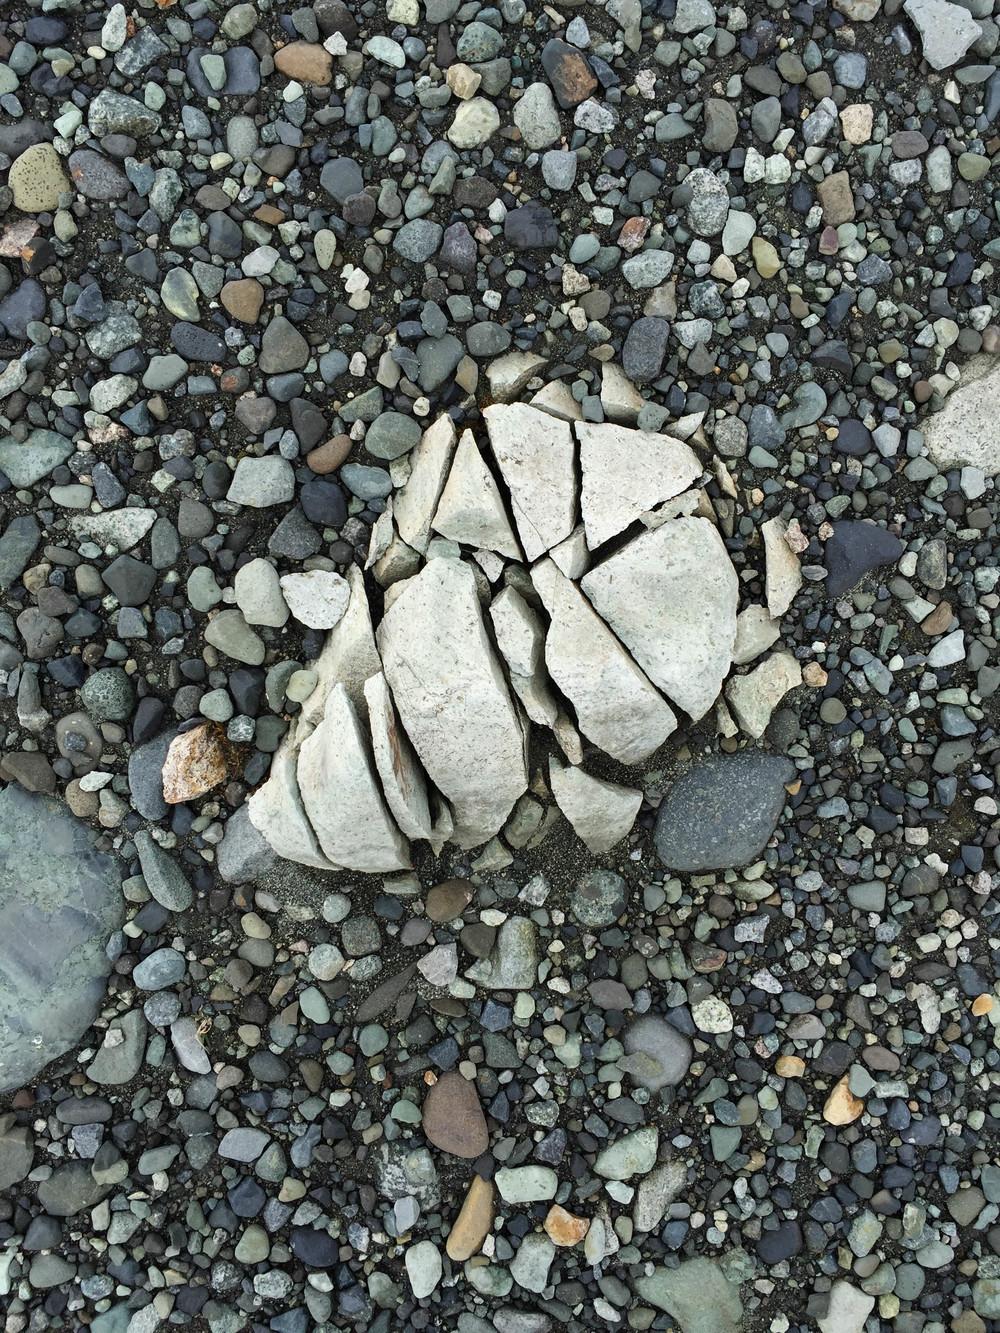 glacier_rock-36.jpg